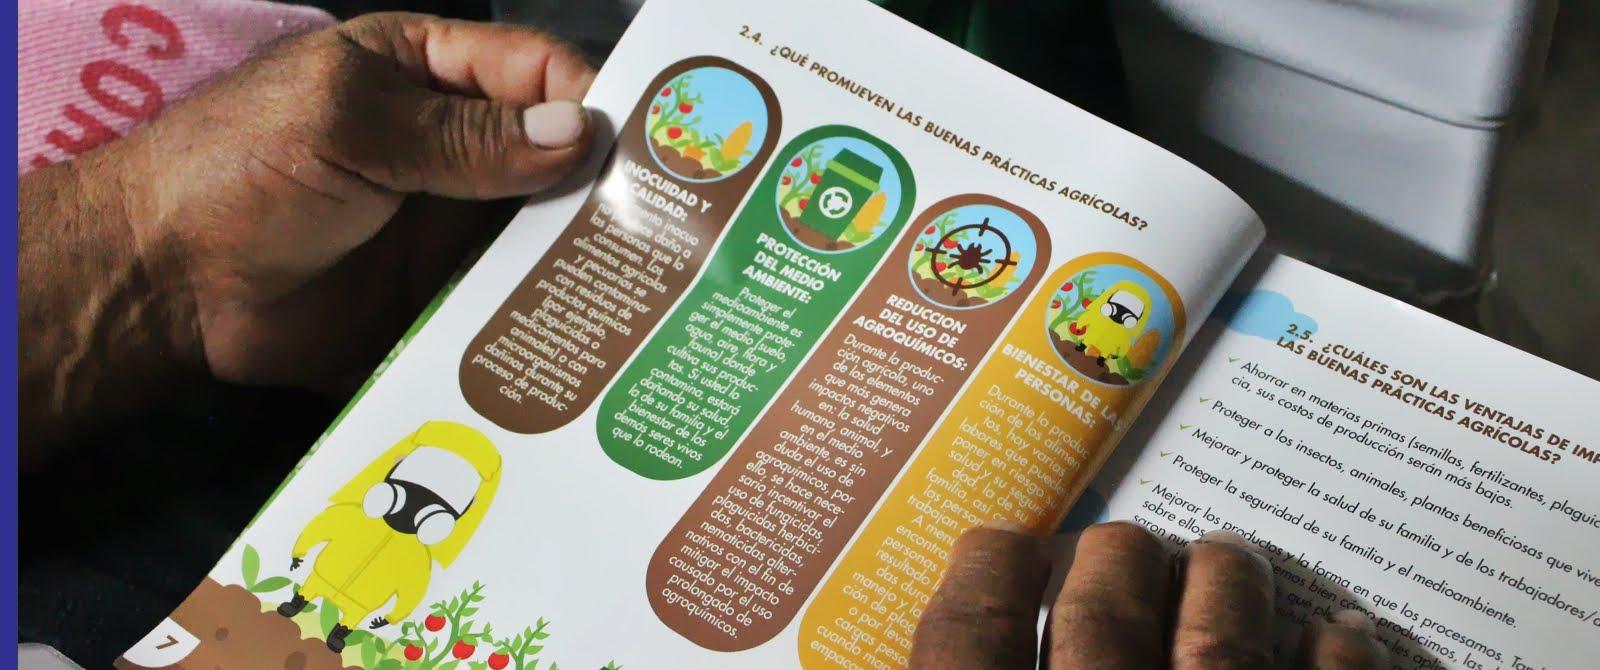 Capacitaciones en Buenas Prácticas Agrícolas y de Manufactura